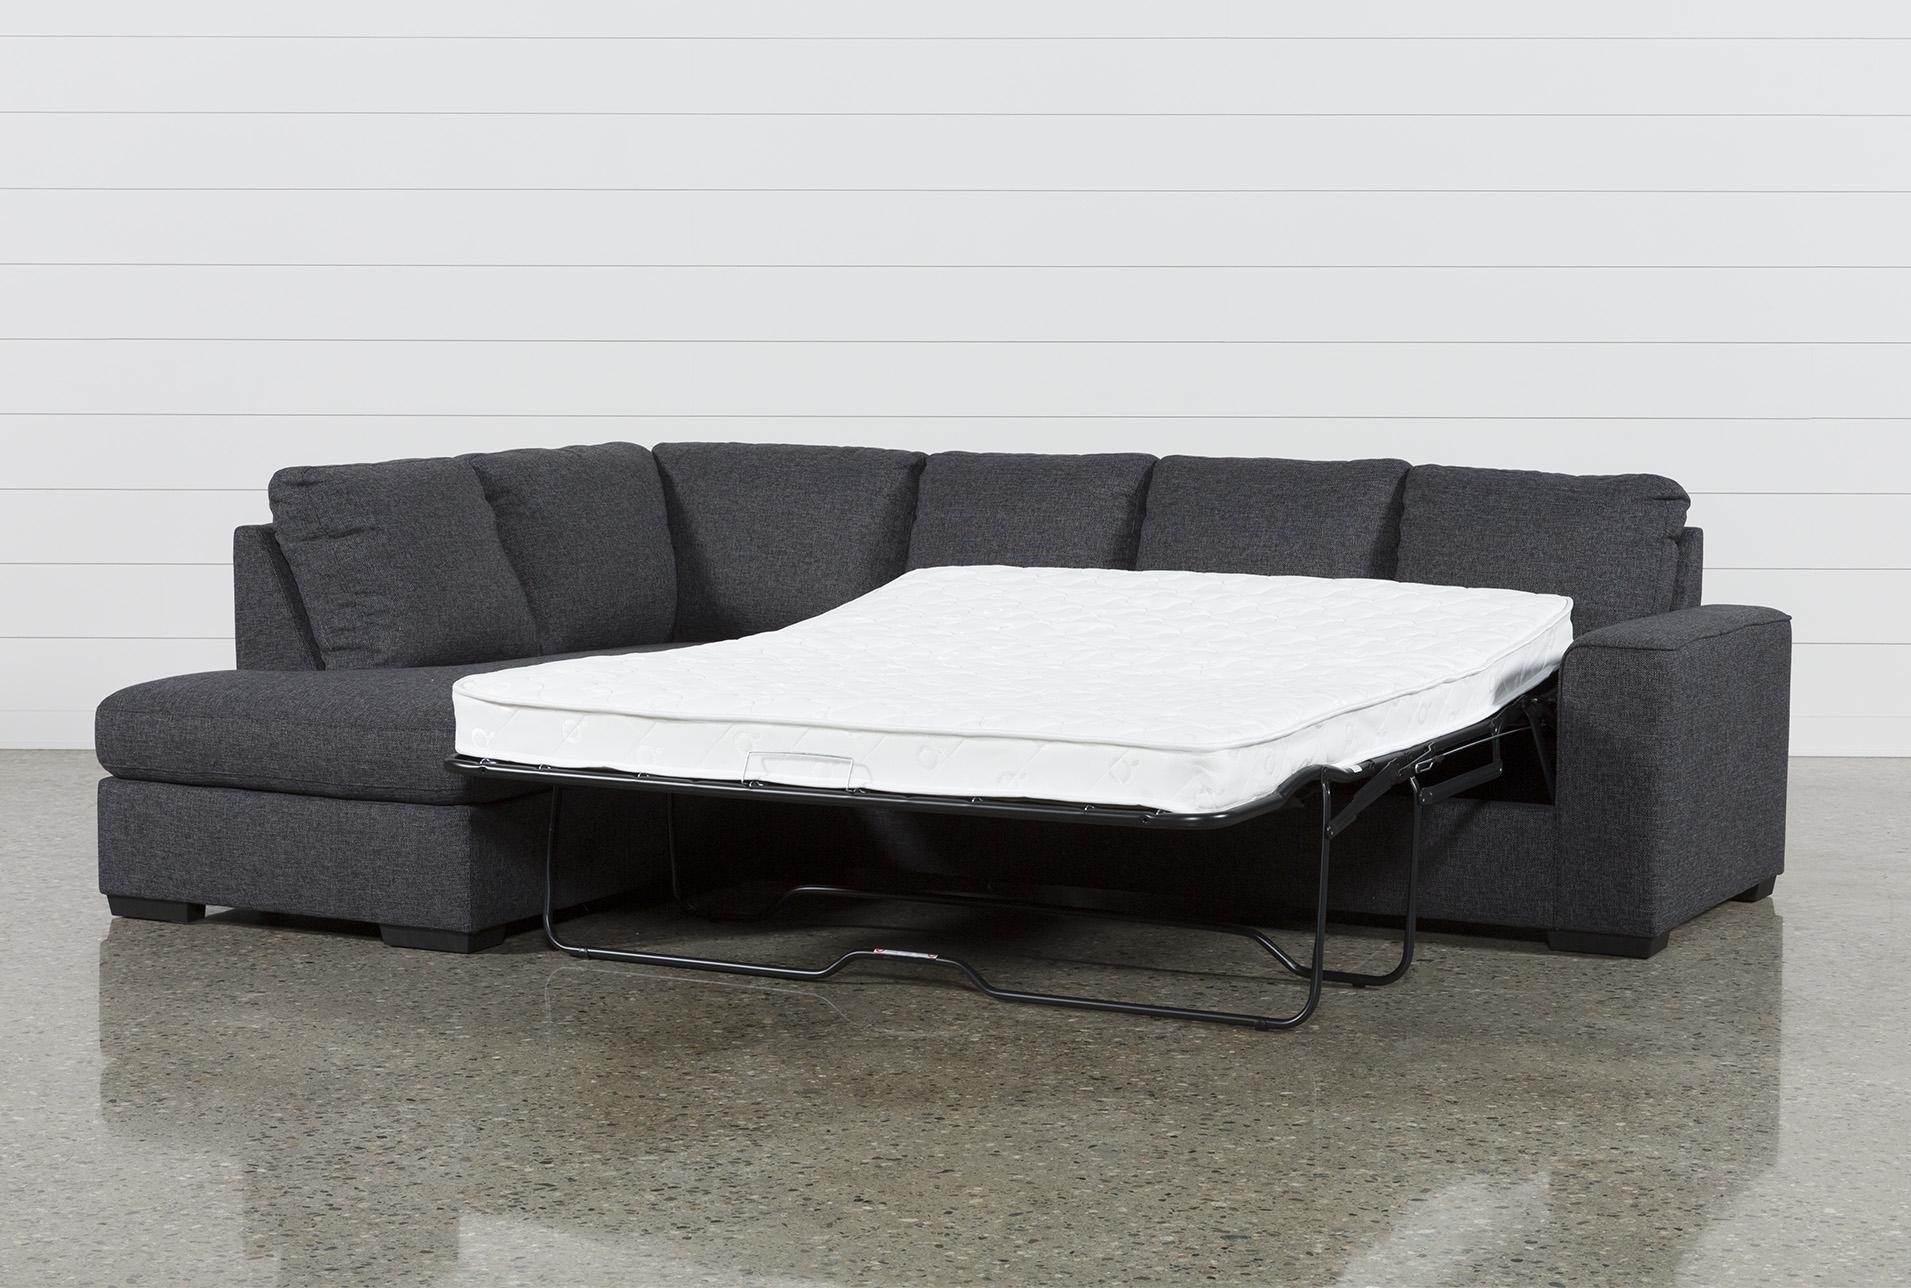 Lucy Dark Grey 2 Piece Sleeper Sectional W/laf Chaise | Products Within Lucy Dark Grey 2 Piece Sleeper Sectionals With Laf Chaise (Image 10 of 25)